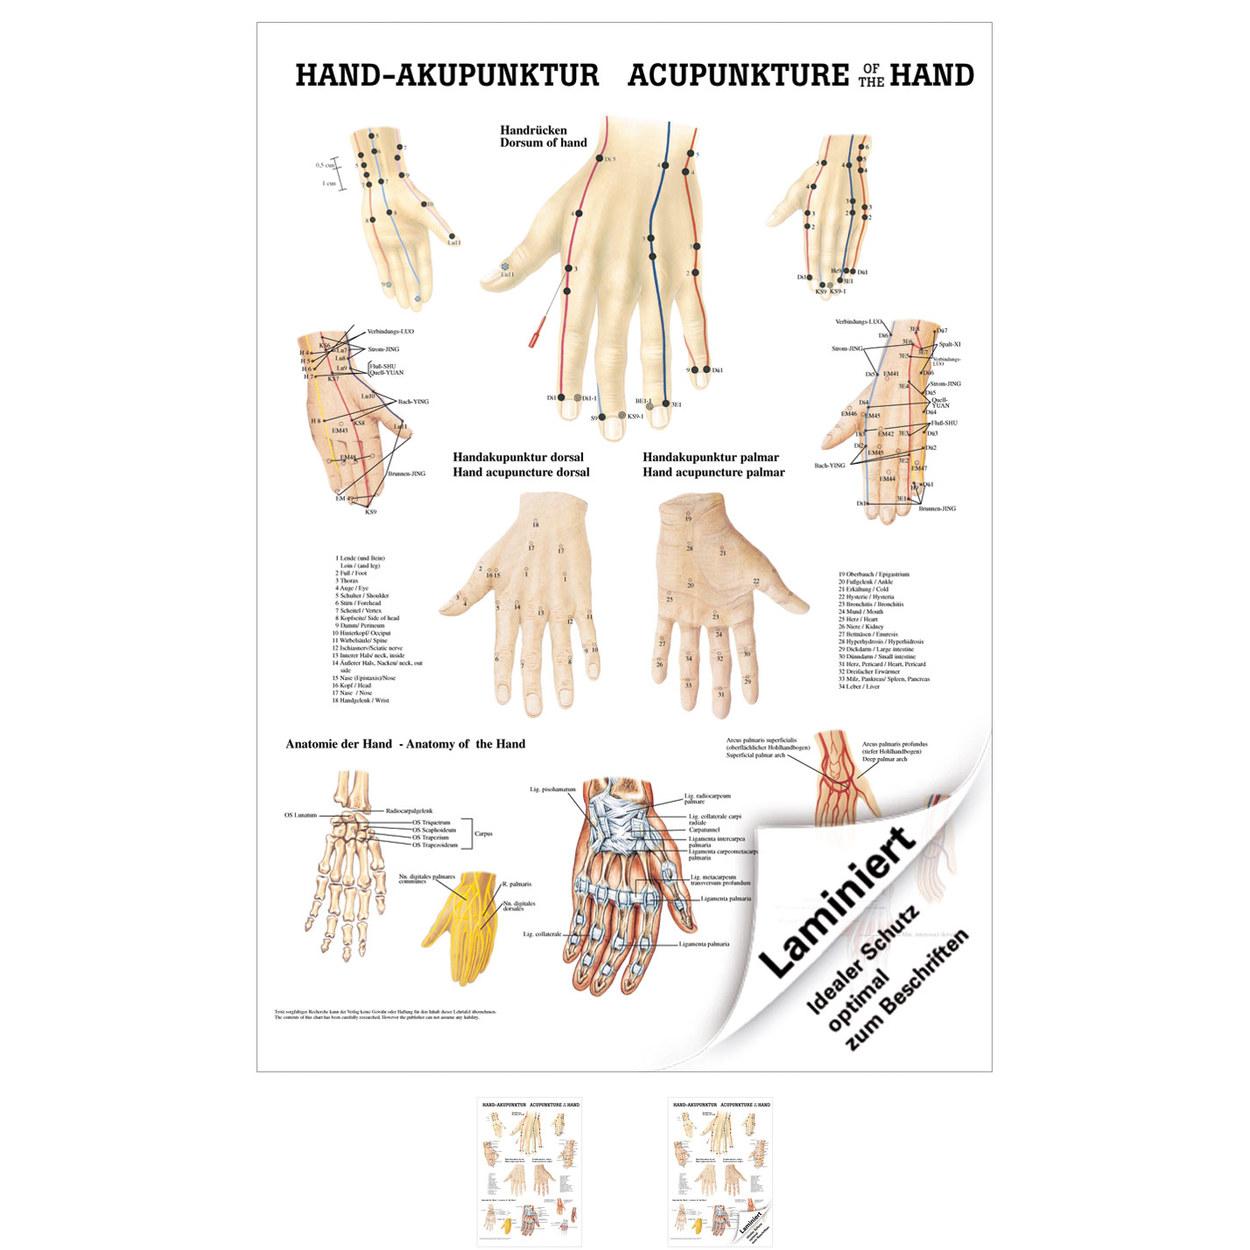 Hand-Akupunktur Poster Anatomie 70x50 cm medizinische Lehrmittel | eBay